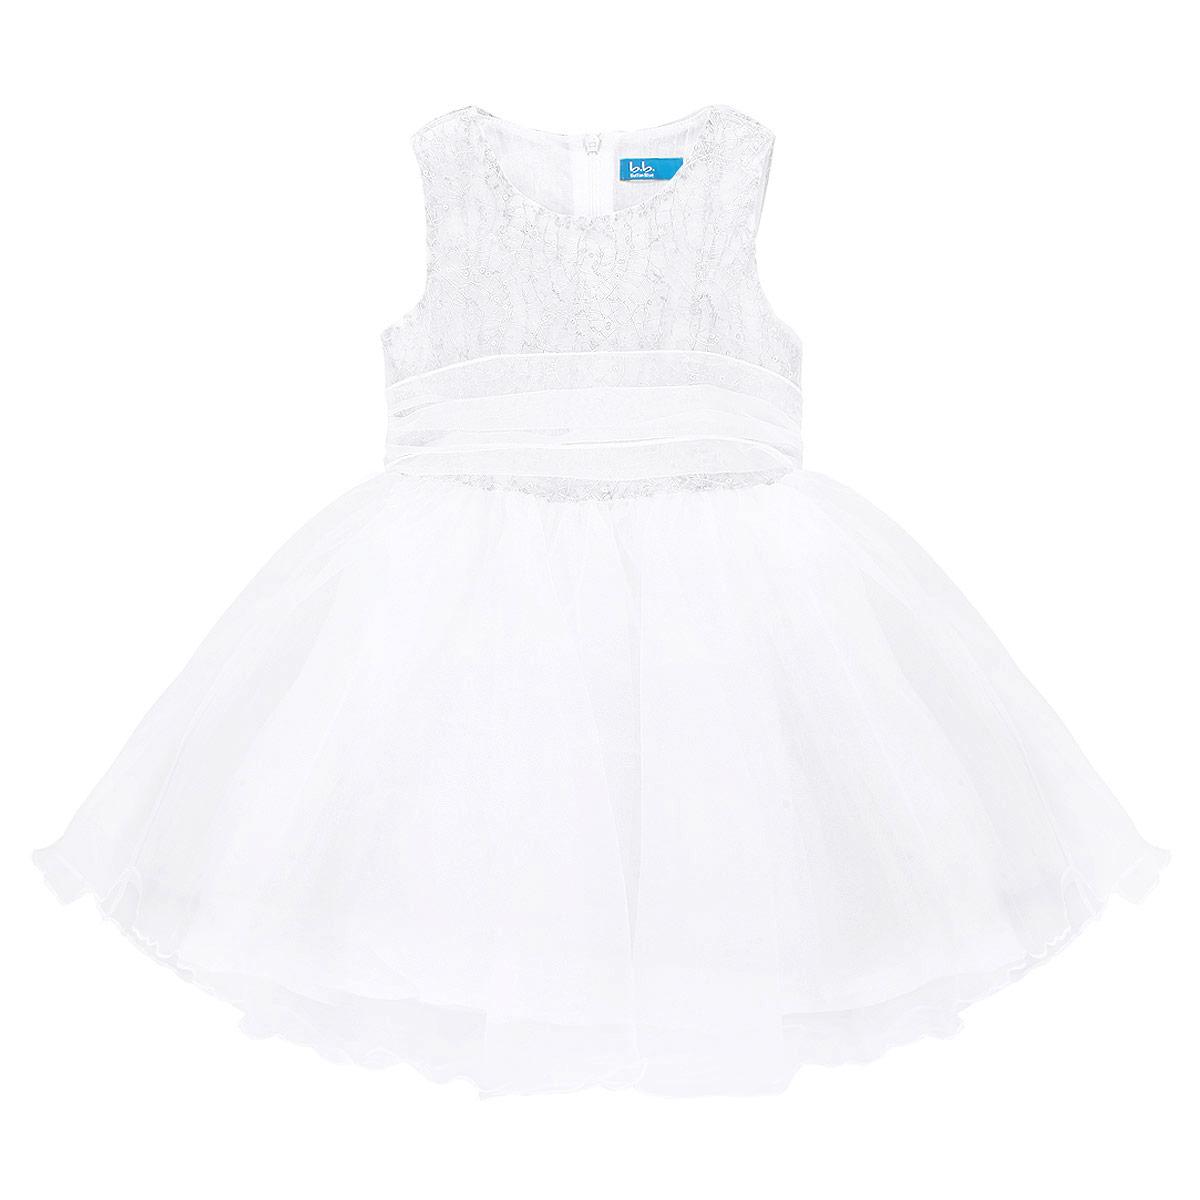 Платье для девочки. 215BBGM2512215BBGM2512Очаровательное платье для девочки Button Blue идеально подойдет вашей маленькой принцессе. Изготовленное из 100% полиэстера, оно необычайно мягкое и приятное на ощупь, не сковывает движения и позволяет коже дышать, не раздражает даже самую нежную и чувствительную кожу ребенка, обеспечивая наибольший комфорт. В качестве подкладки используется натуральный хлопок. Платье без рукавов и с круглым вырезом горловины по спинке застегивается на скрытую длинную застежку-молнию, что позволяет легко переодеть ребенка. От линии талии заложены складочки, придающие изделию пышность. Многослойная юбочка выполнена из микросетки. Верхняя часть платья украшена фольгированной плотной нитью и пайетками и дополнена слоем из микросетки. На талии предусмотрен широкий пояс, завязывающийся сзади в крупный бант. Современный дизайн и модная расцветка делают это платье незаменимым предметом детского гардероба. В нем вашей маленькой принцессе будет комфортно и уютно, и она всегда будет в центре...